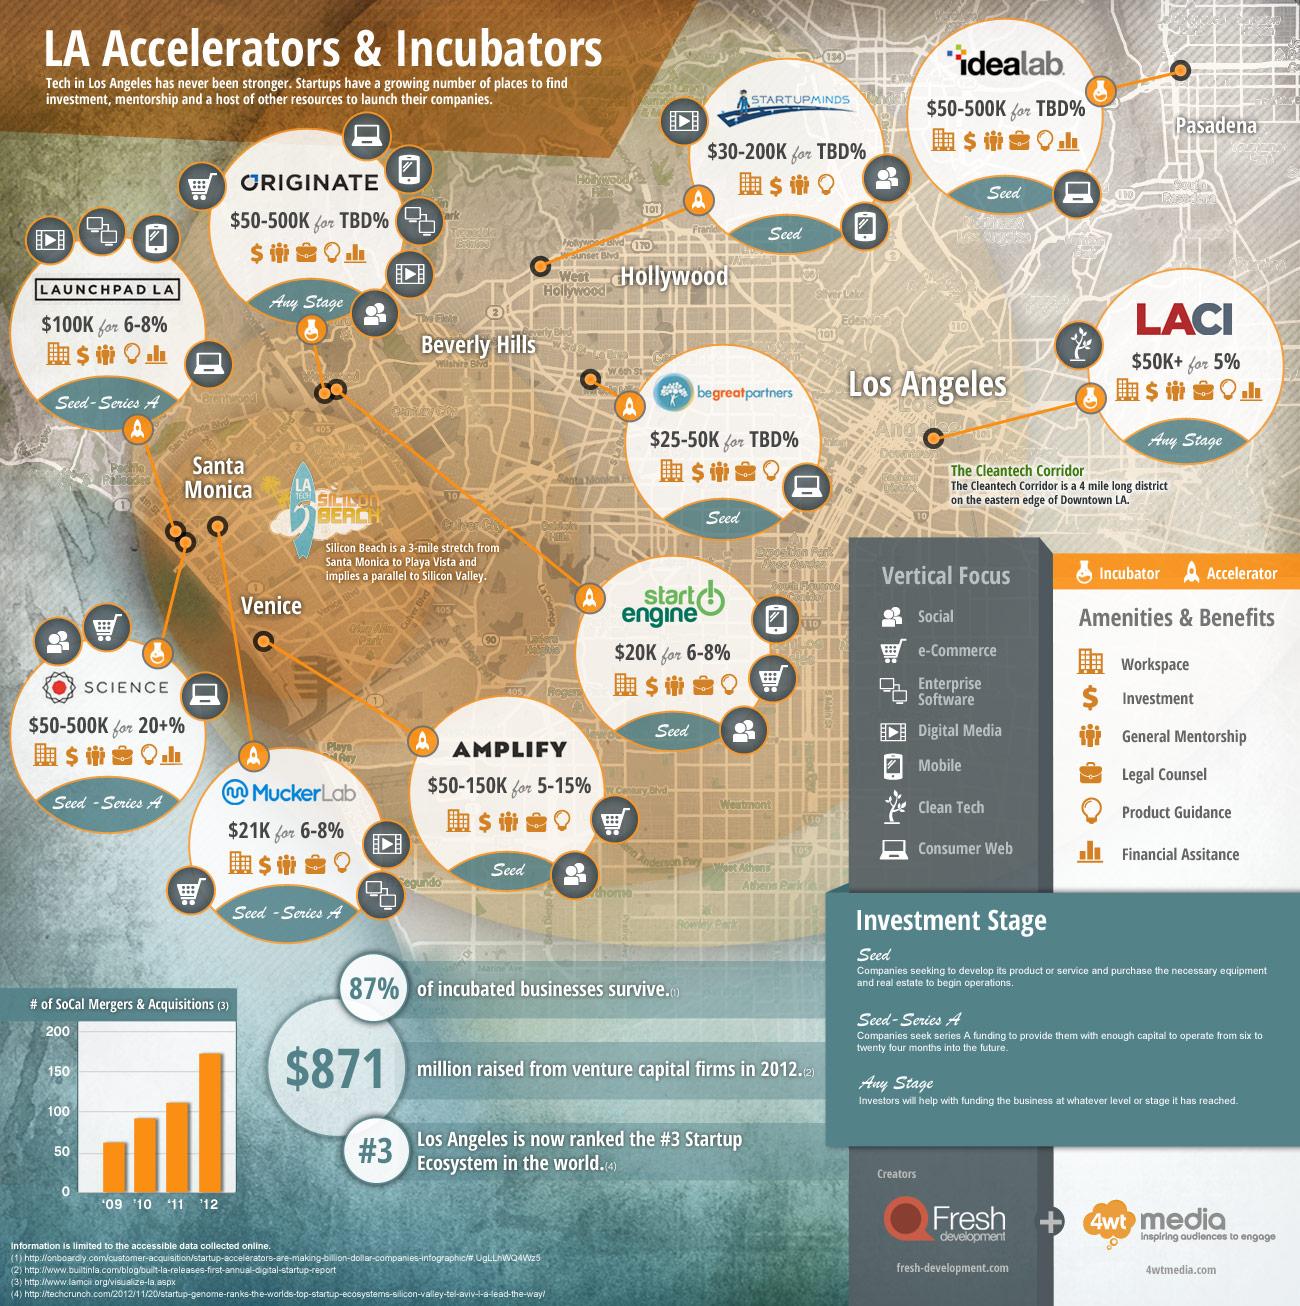 L.A. Accelerators and Incubators